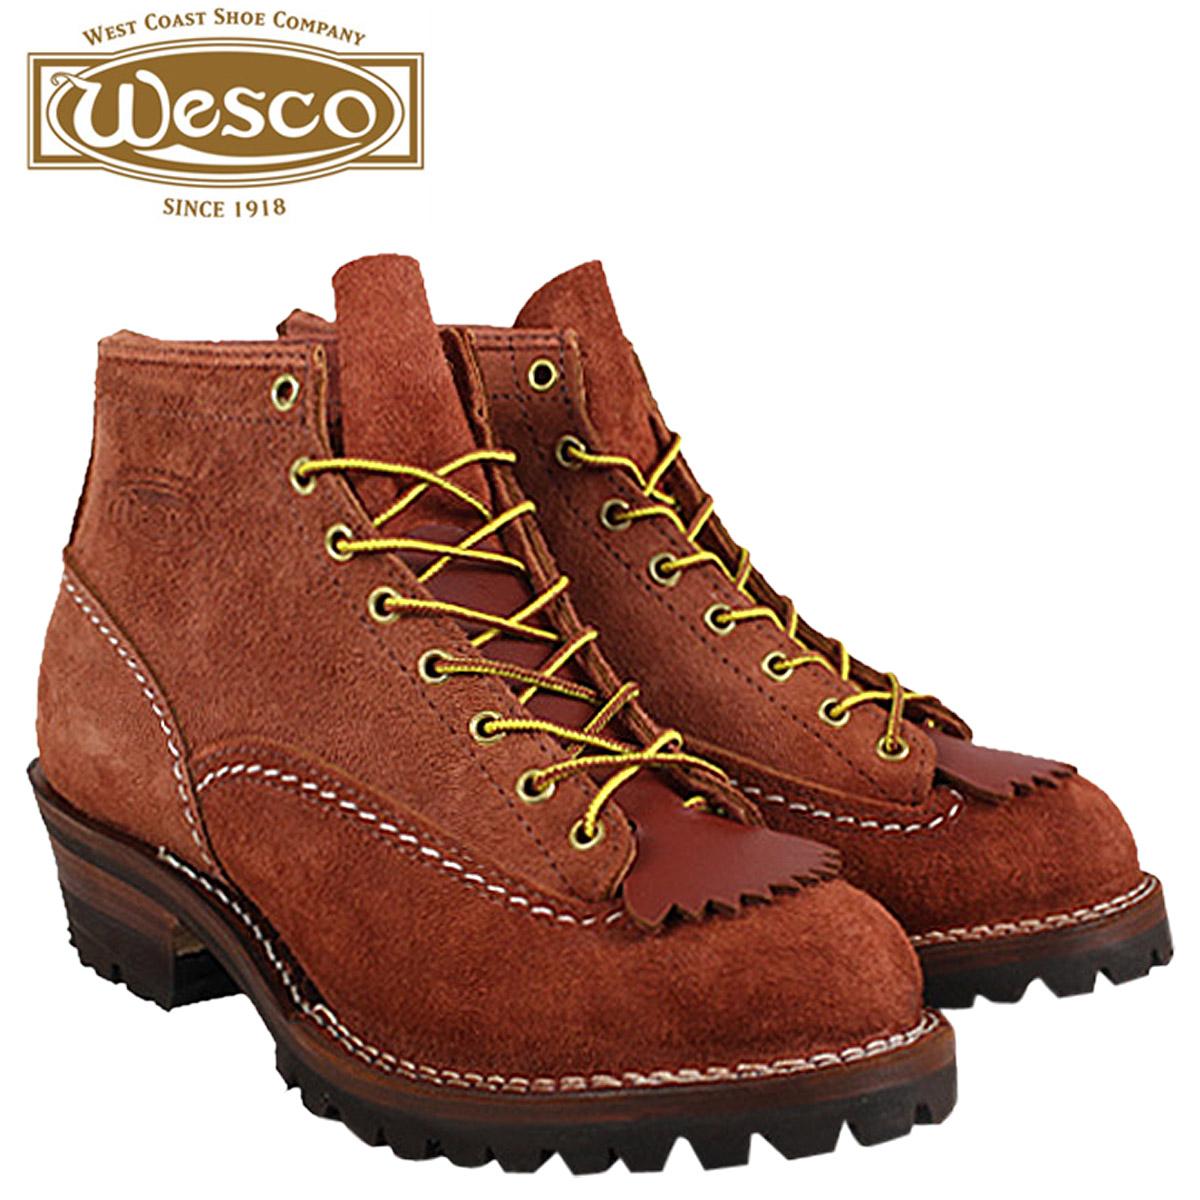 WESCO ウエスコ 6インチ ジョブマスター ブーツ 6INCH JOB MASTER Eワイズ スエード レッドウッド ウェスコ スウェード RW106100 メンズ